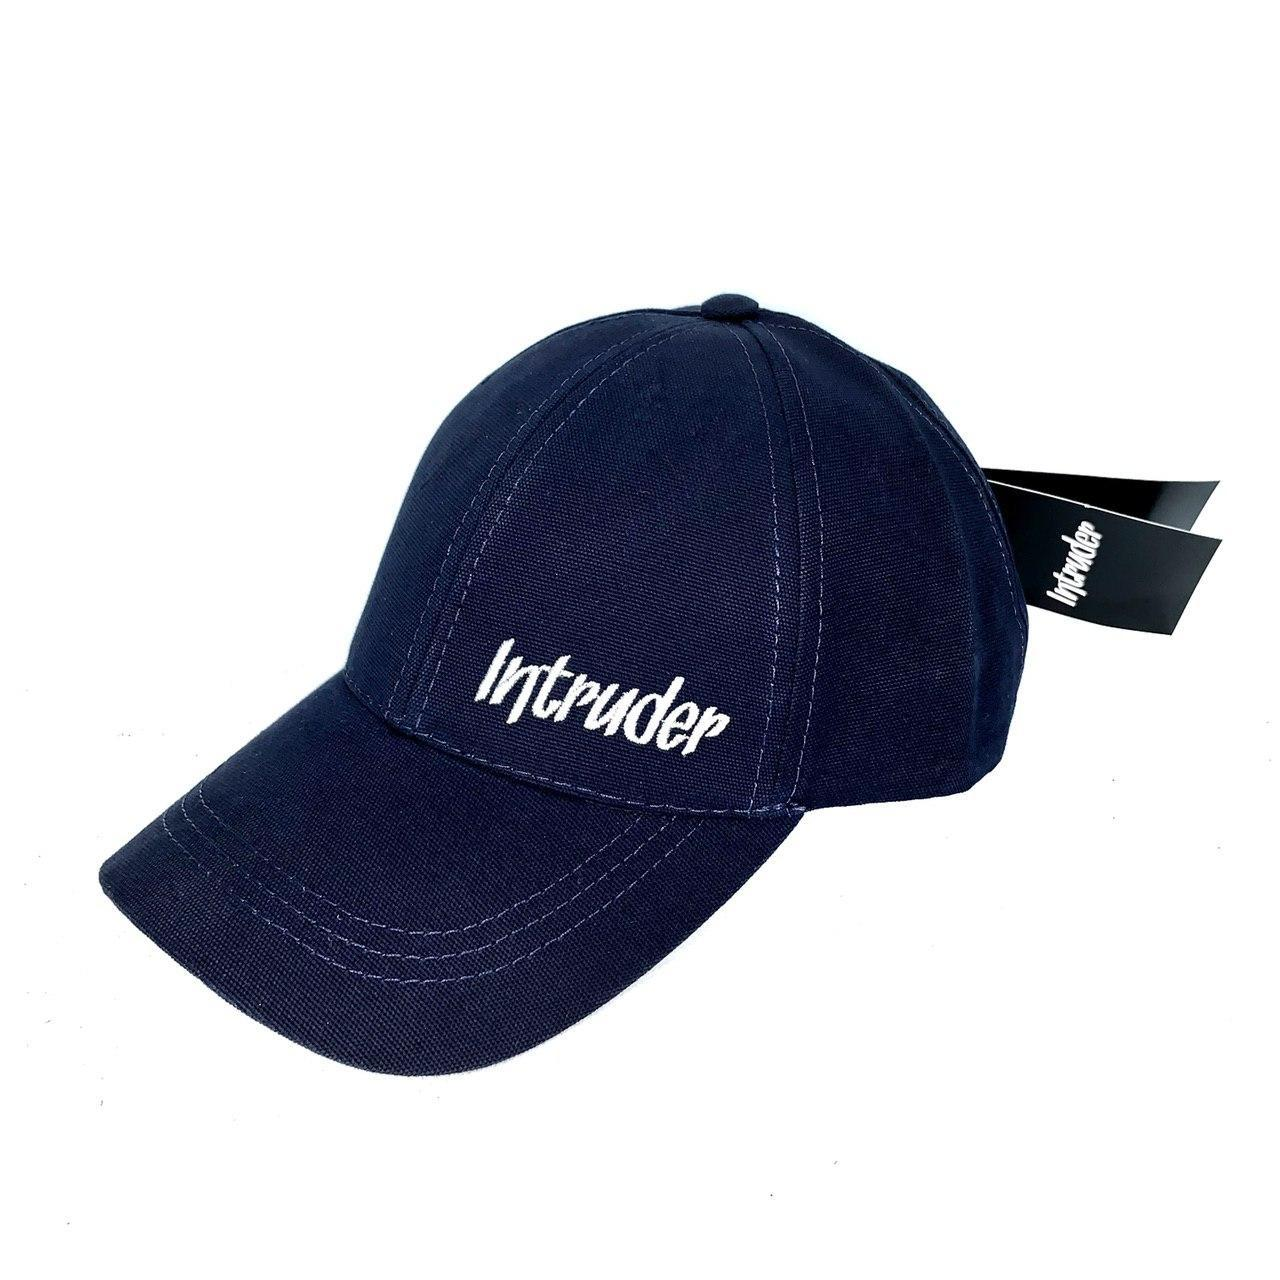 Кепка Intruder мужская | женская синяя брендовая + Фирменный подарок